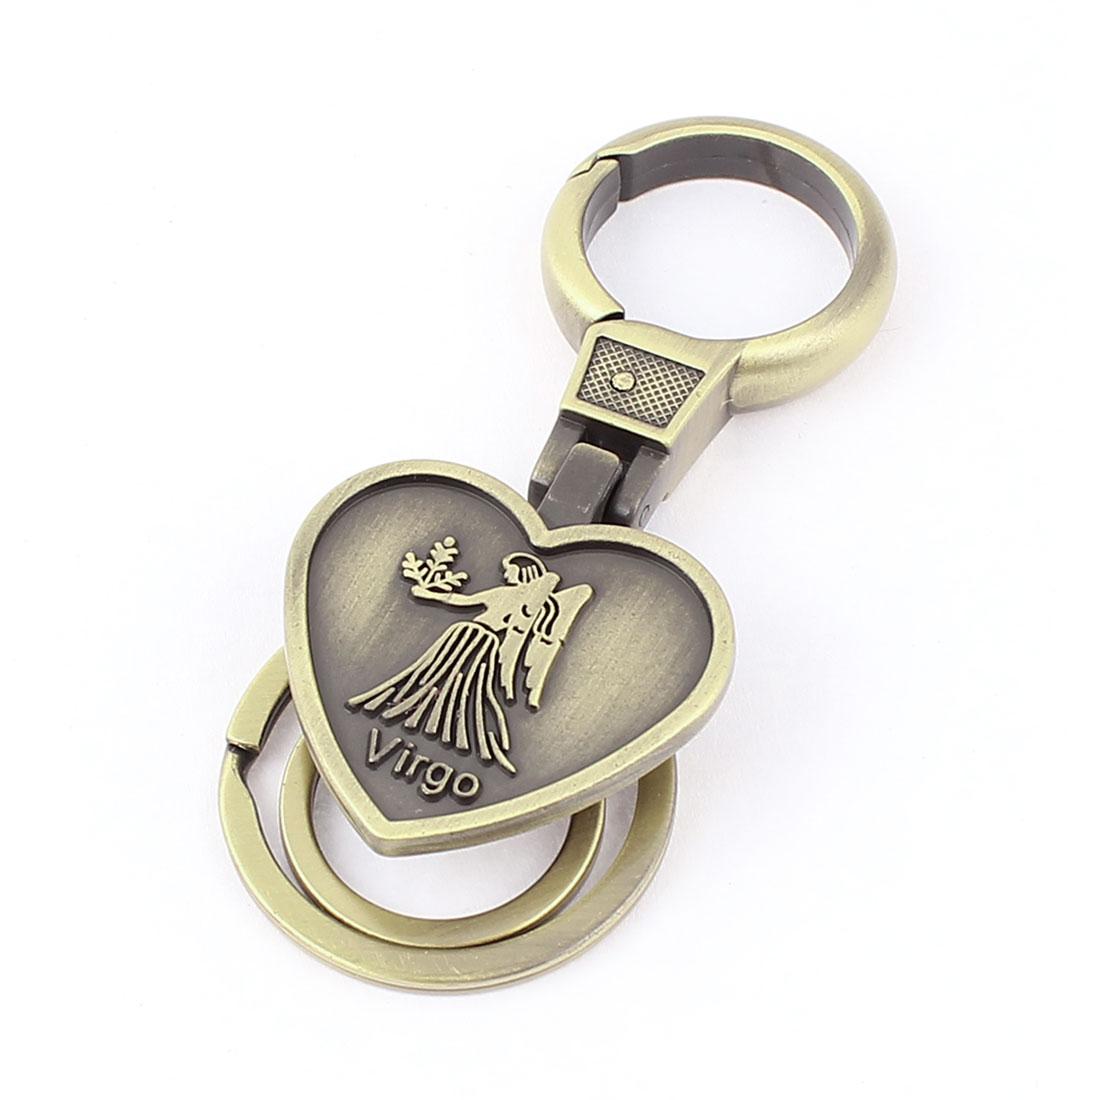 Virgo Embossment Heart Shaped Pendant Keyring Keychain Bronze Tone